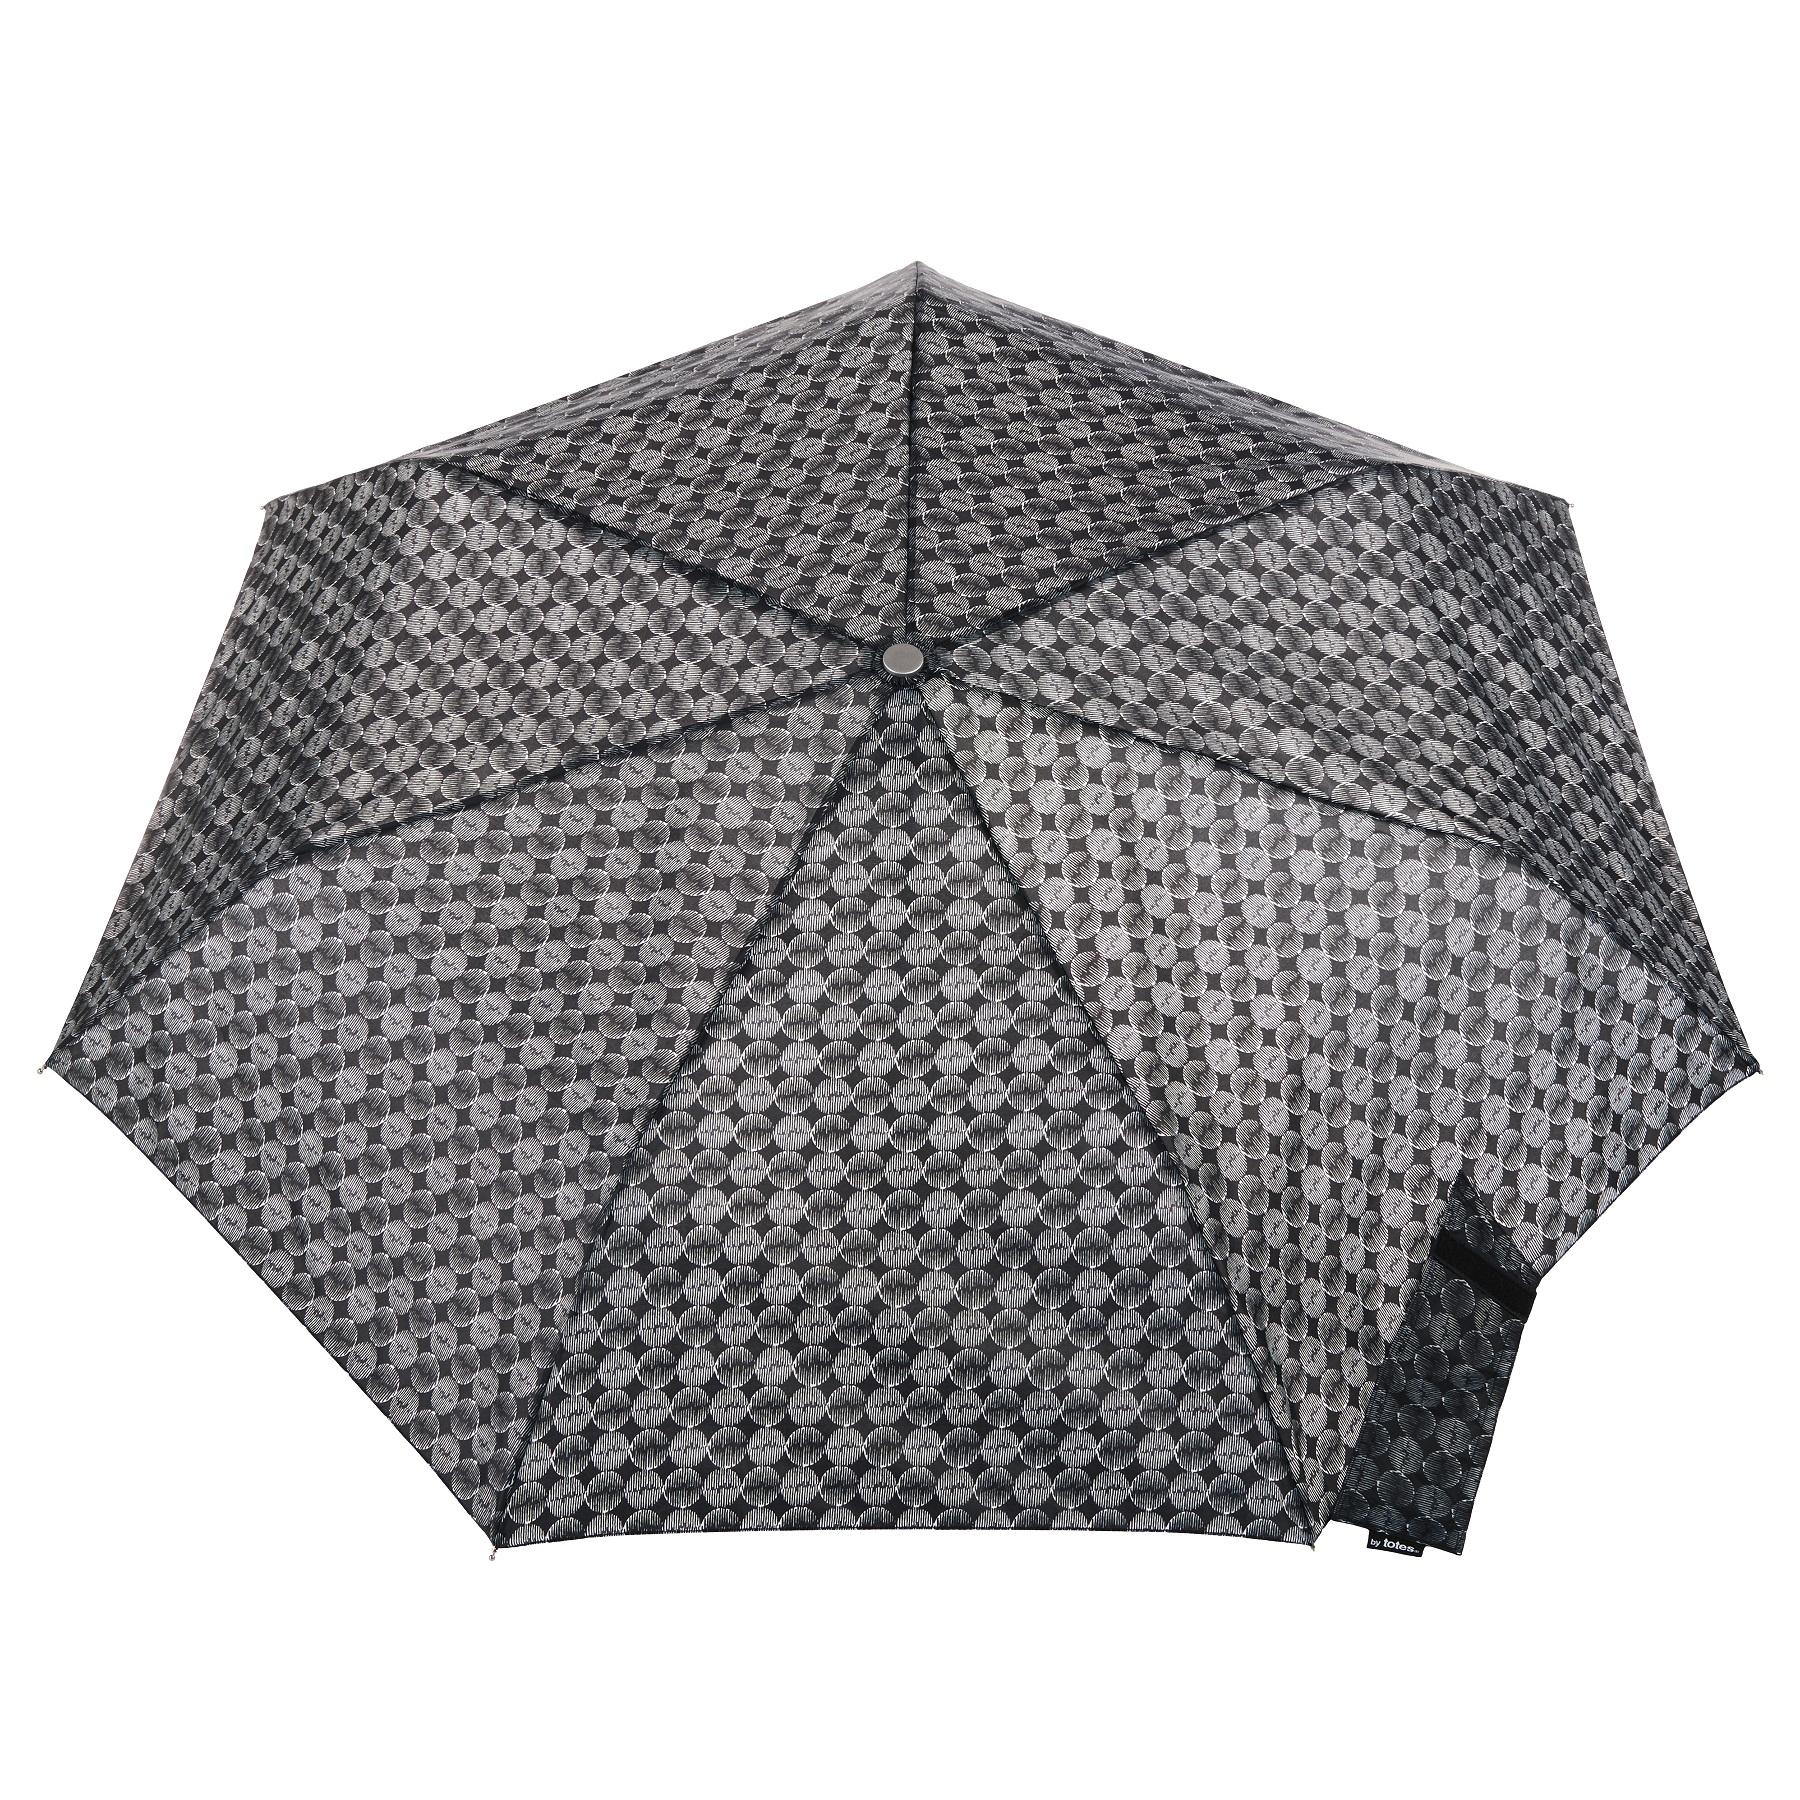 *WALMART* Totes NeverWet Umbrella Auto Open Close - YMMV *in-store $3